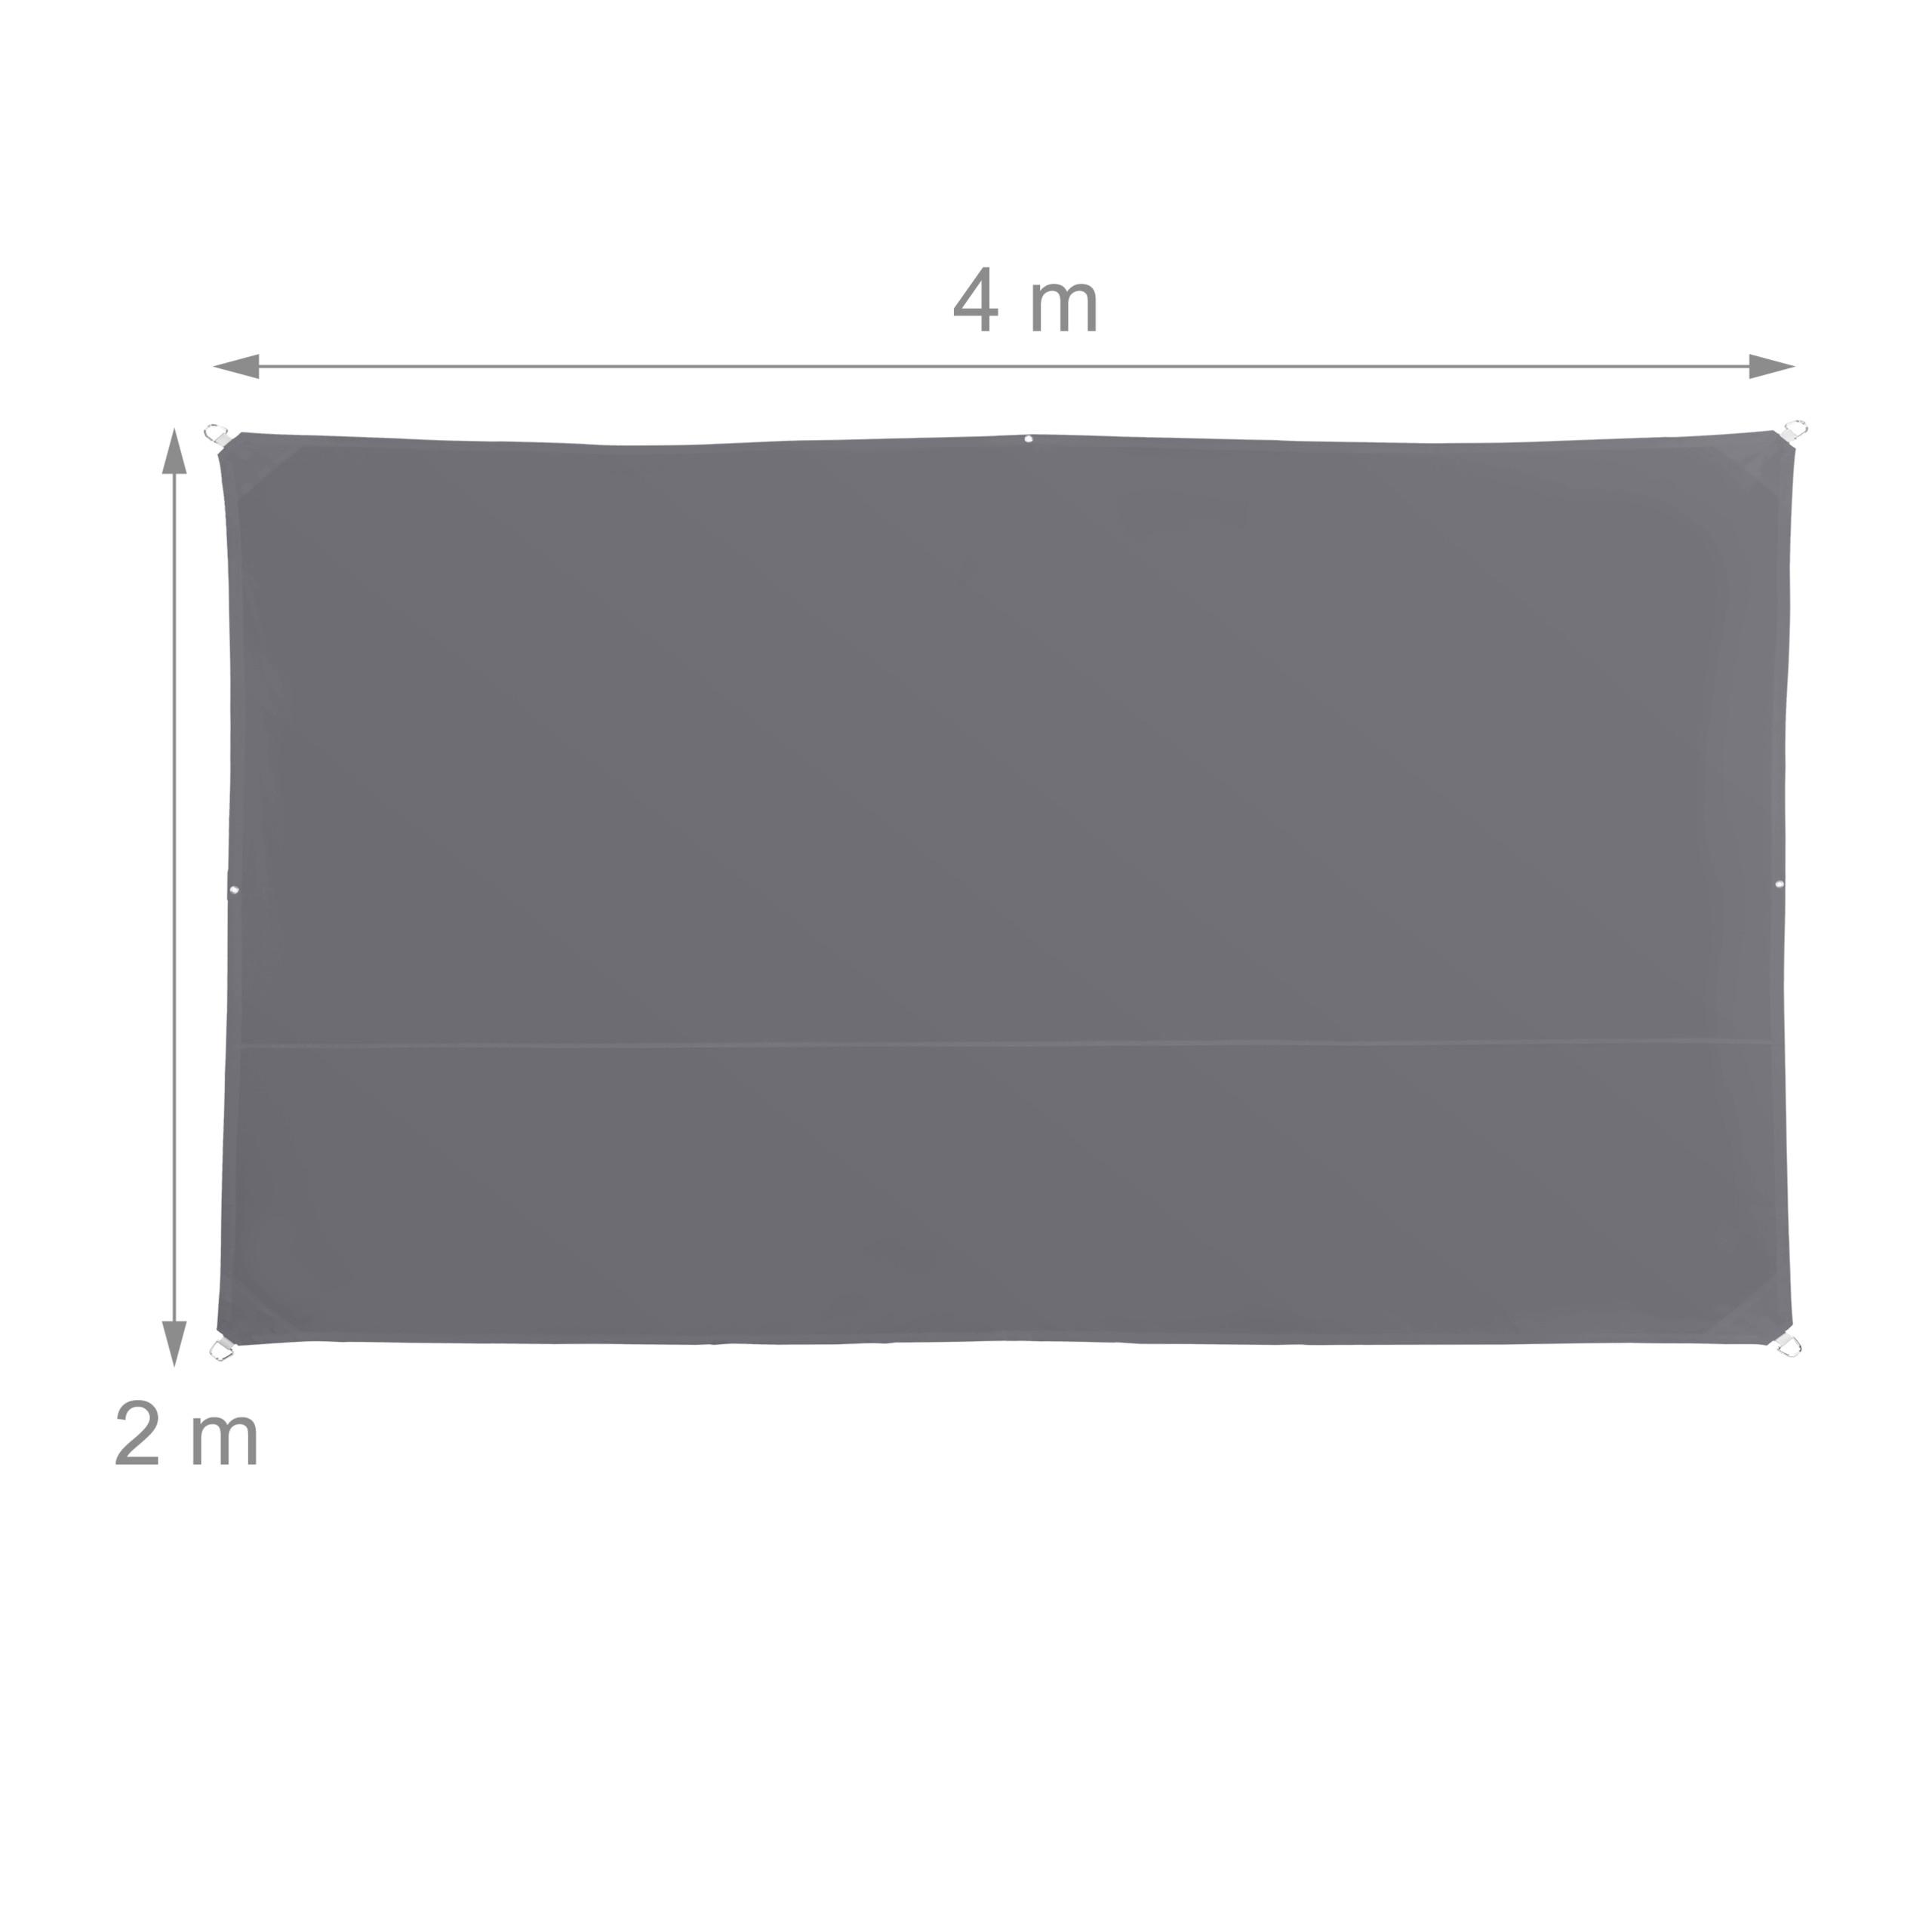 miniatura 20 - Tenda a vela rettangolare parasole ombreggiante idrorepellente anti UV grigia